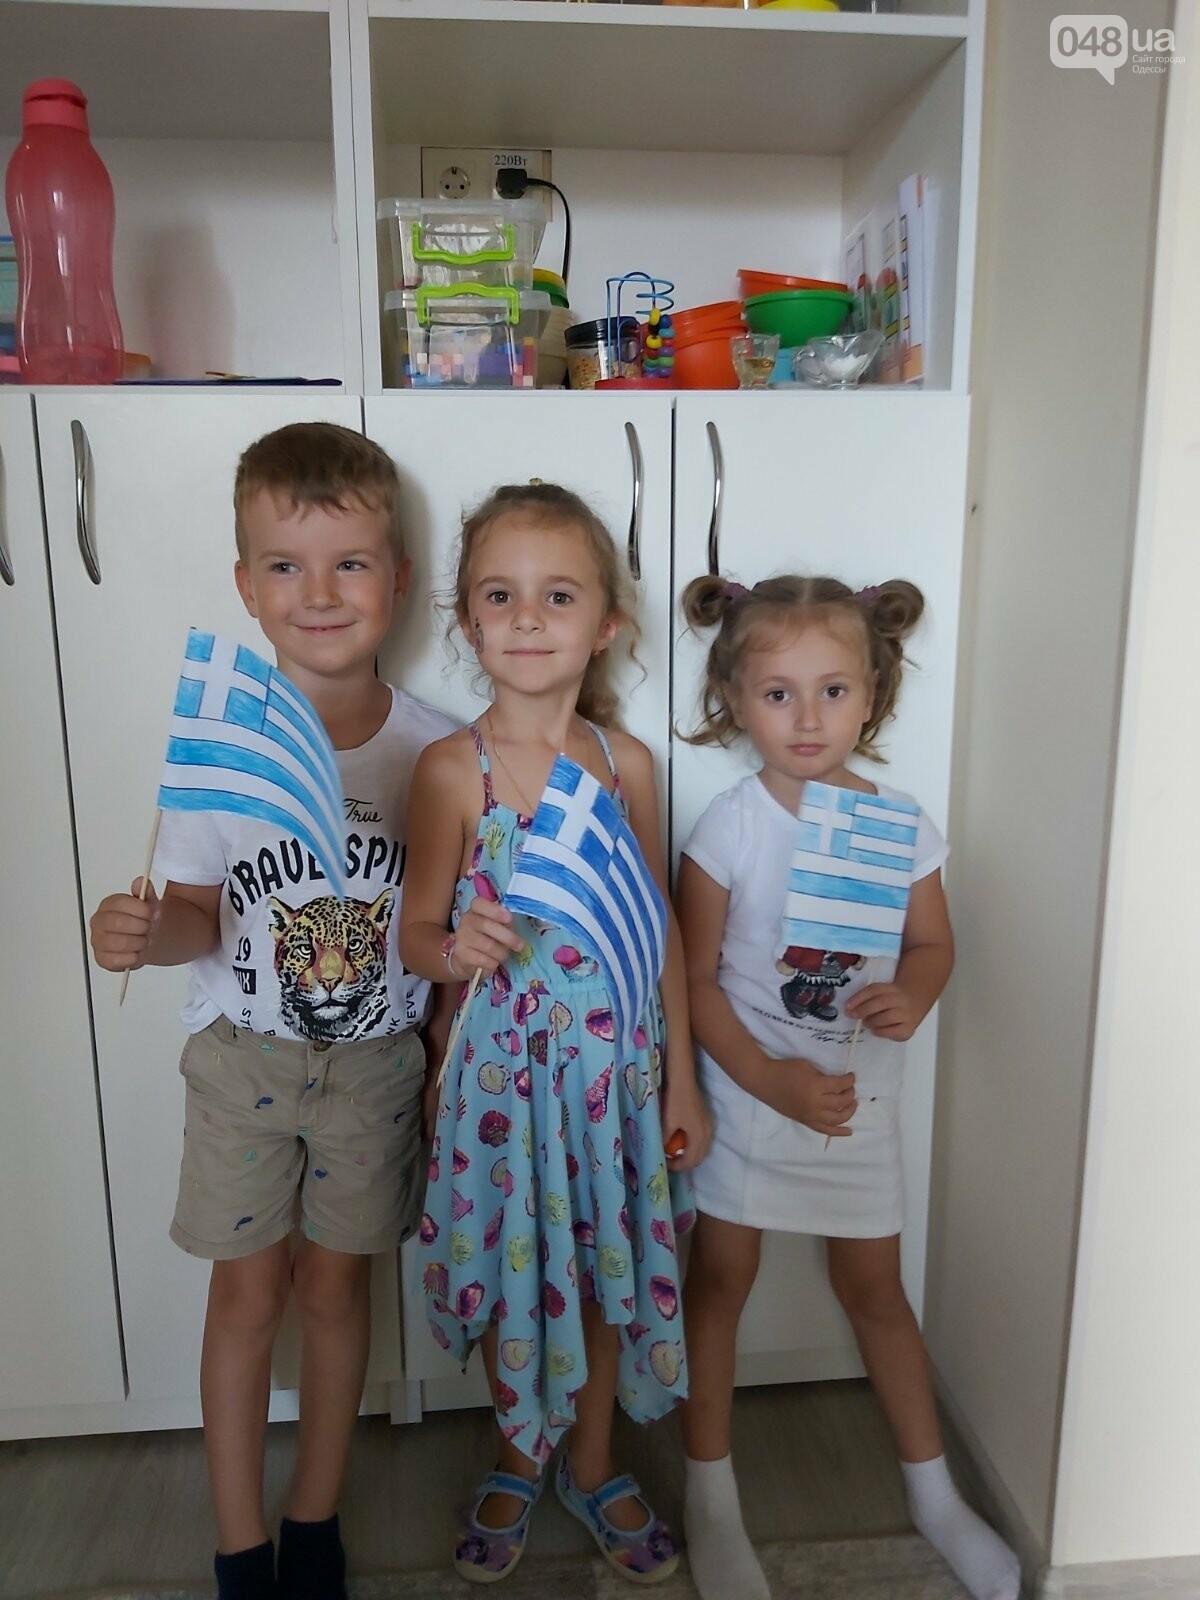 Детские сады и школы в Одессе, где учить ребенка?, фото-5